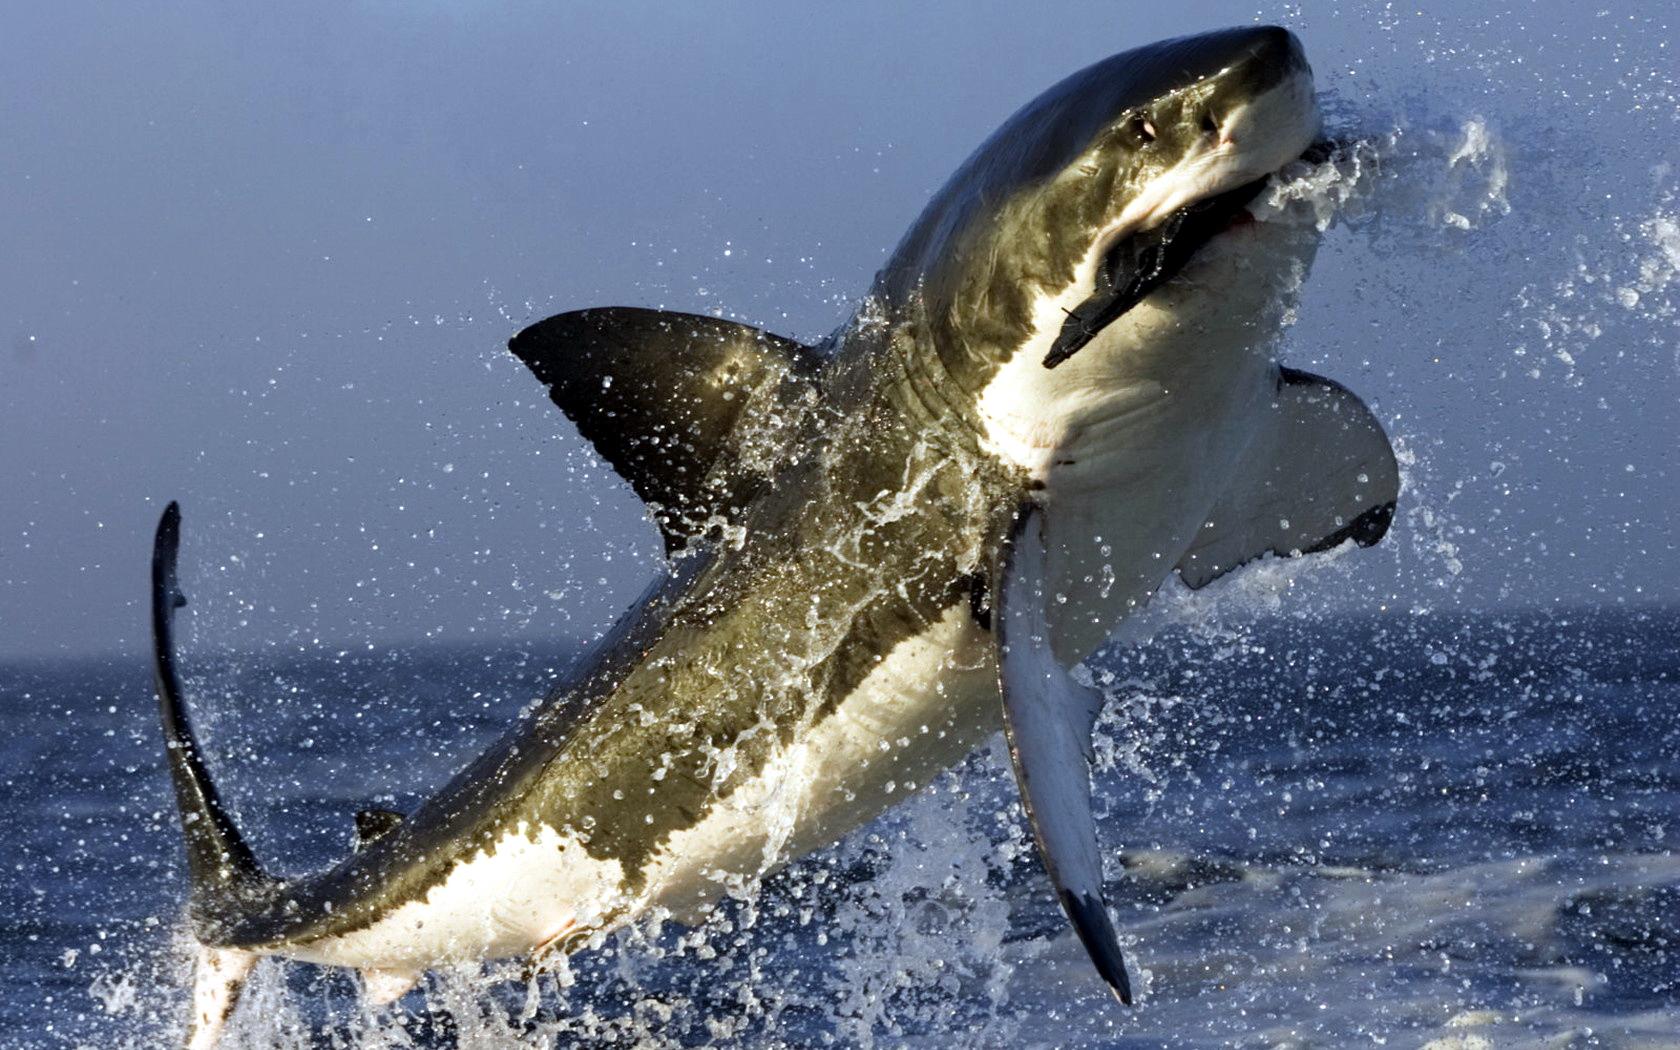 The Shark Rule